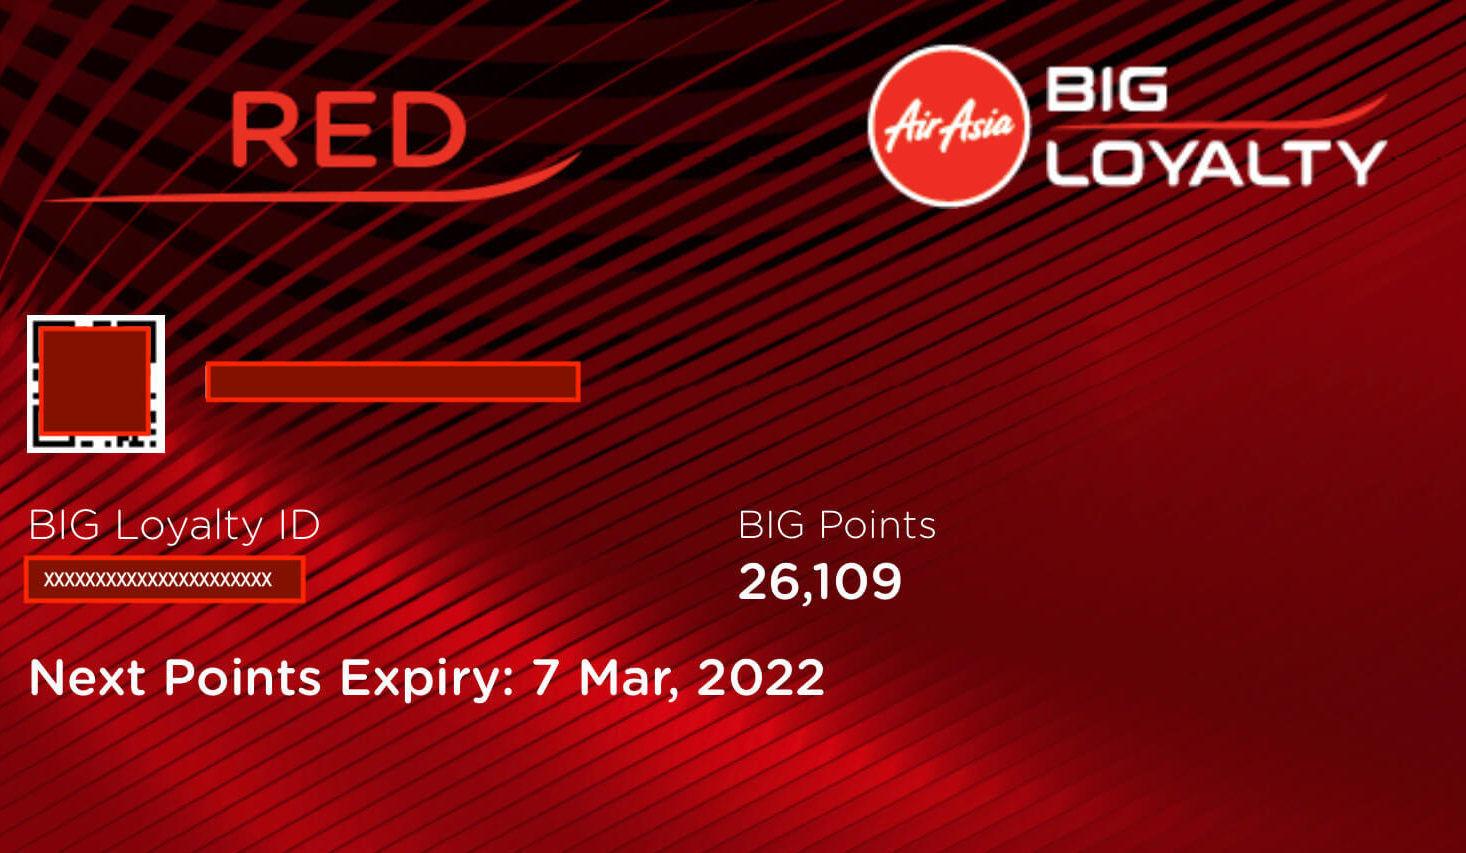 AirAsia BIG Member Card